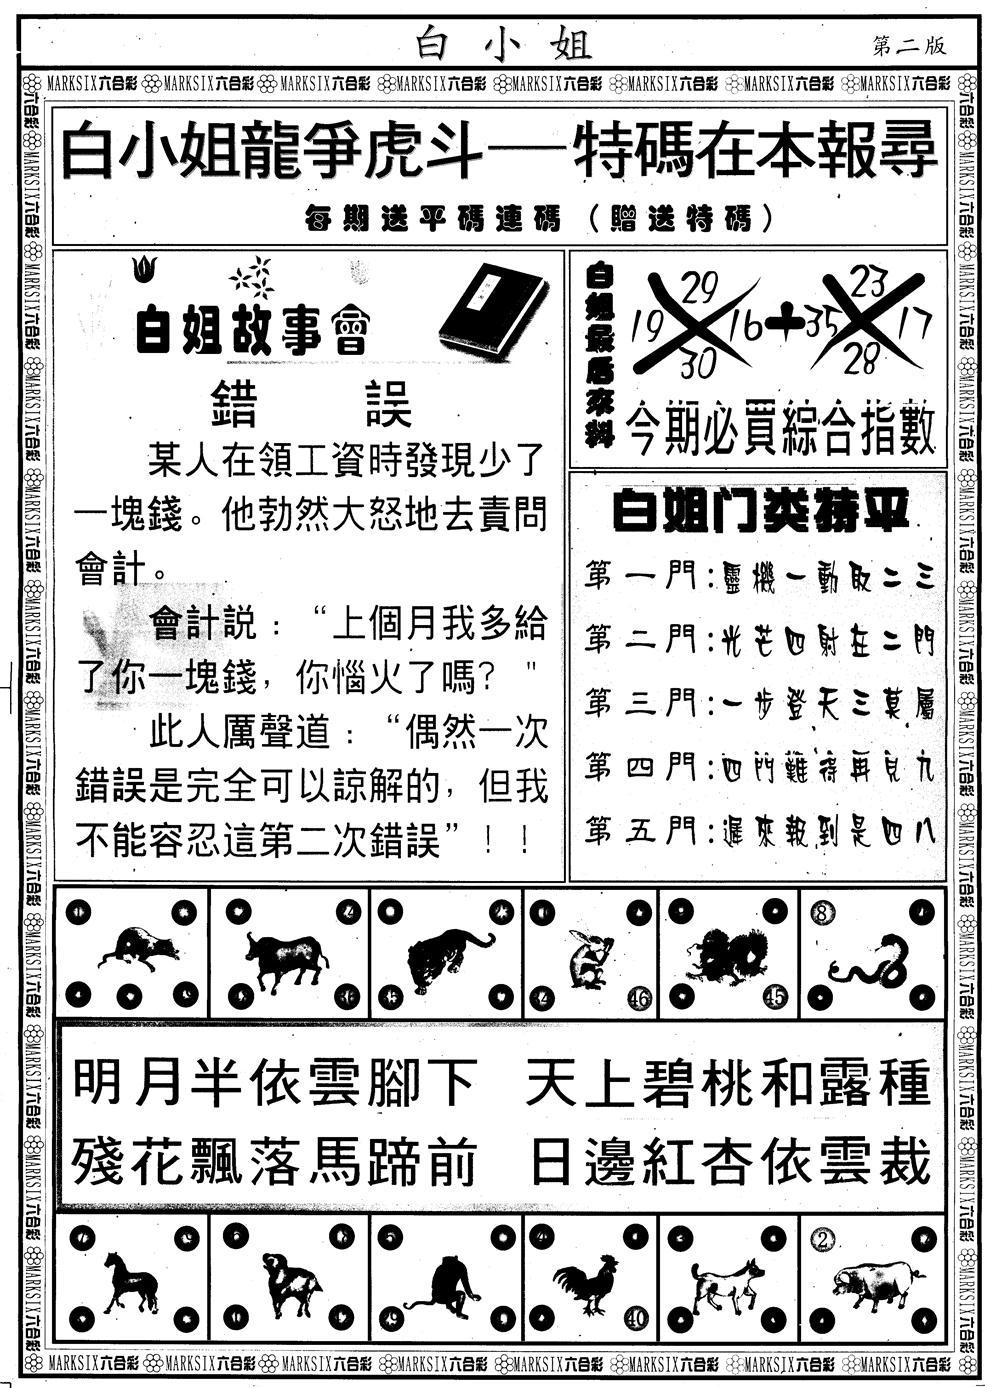 069期另版白小姐龙虎斗B(黑白)